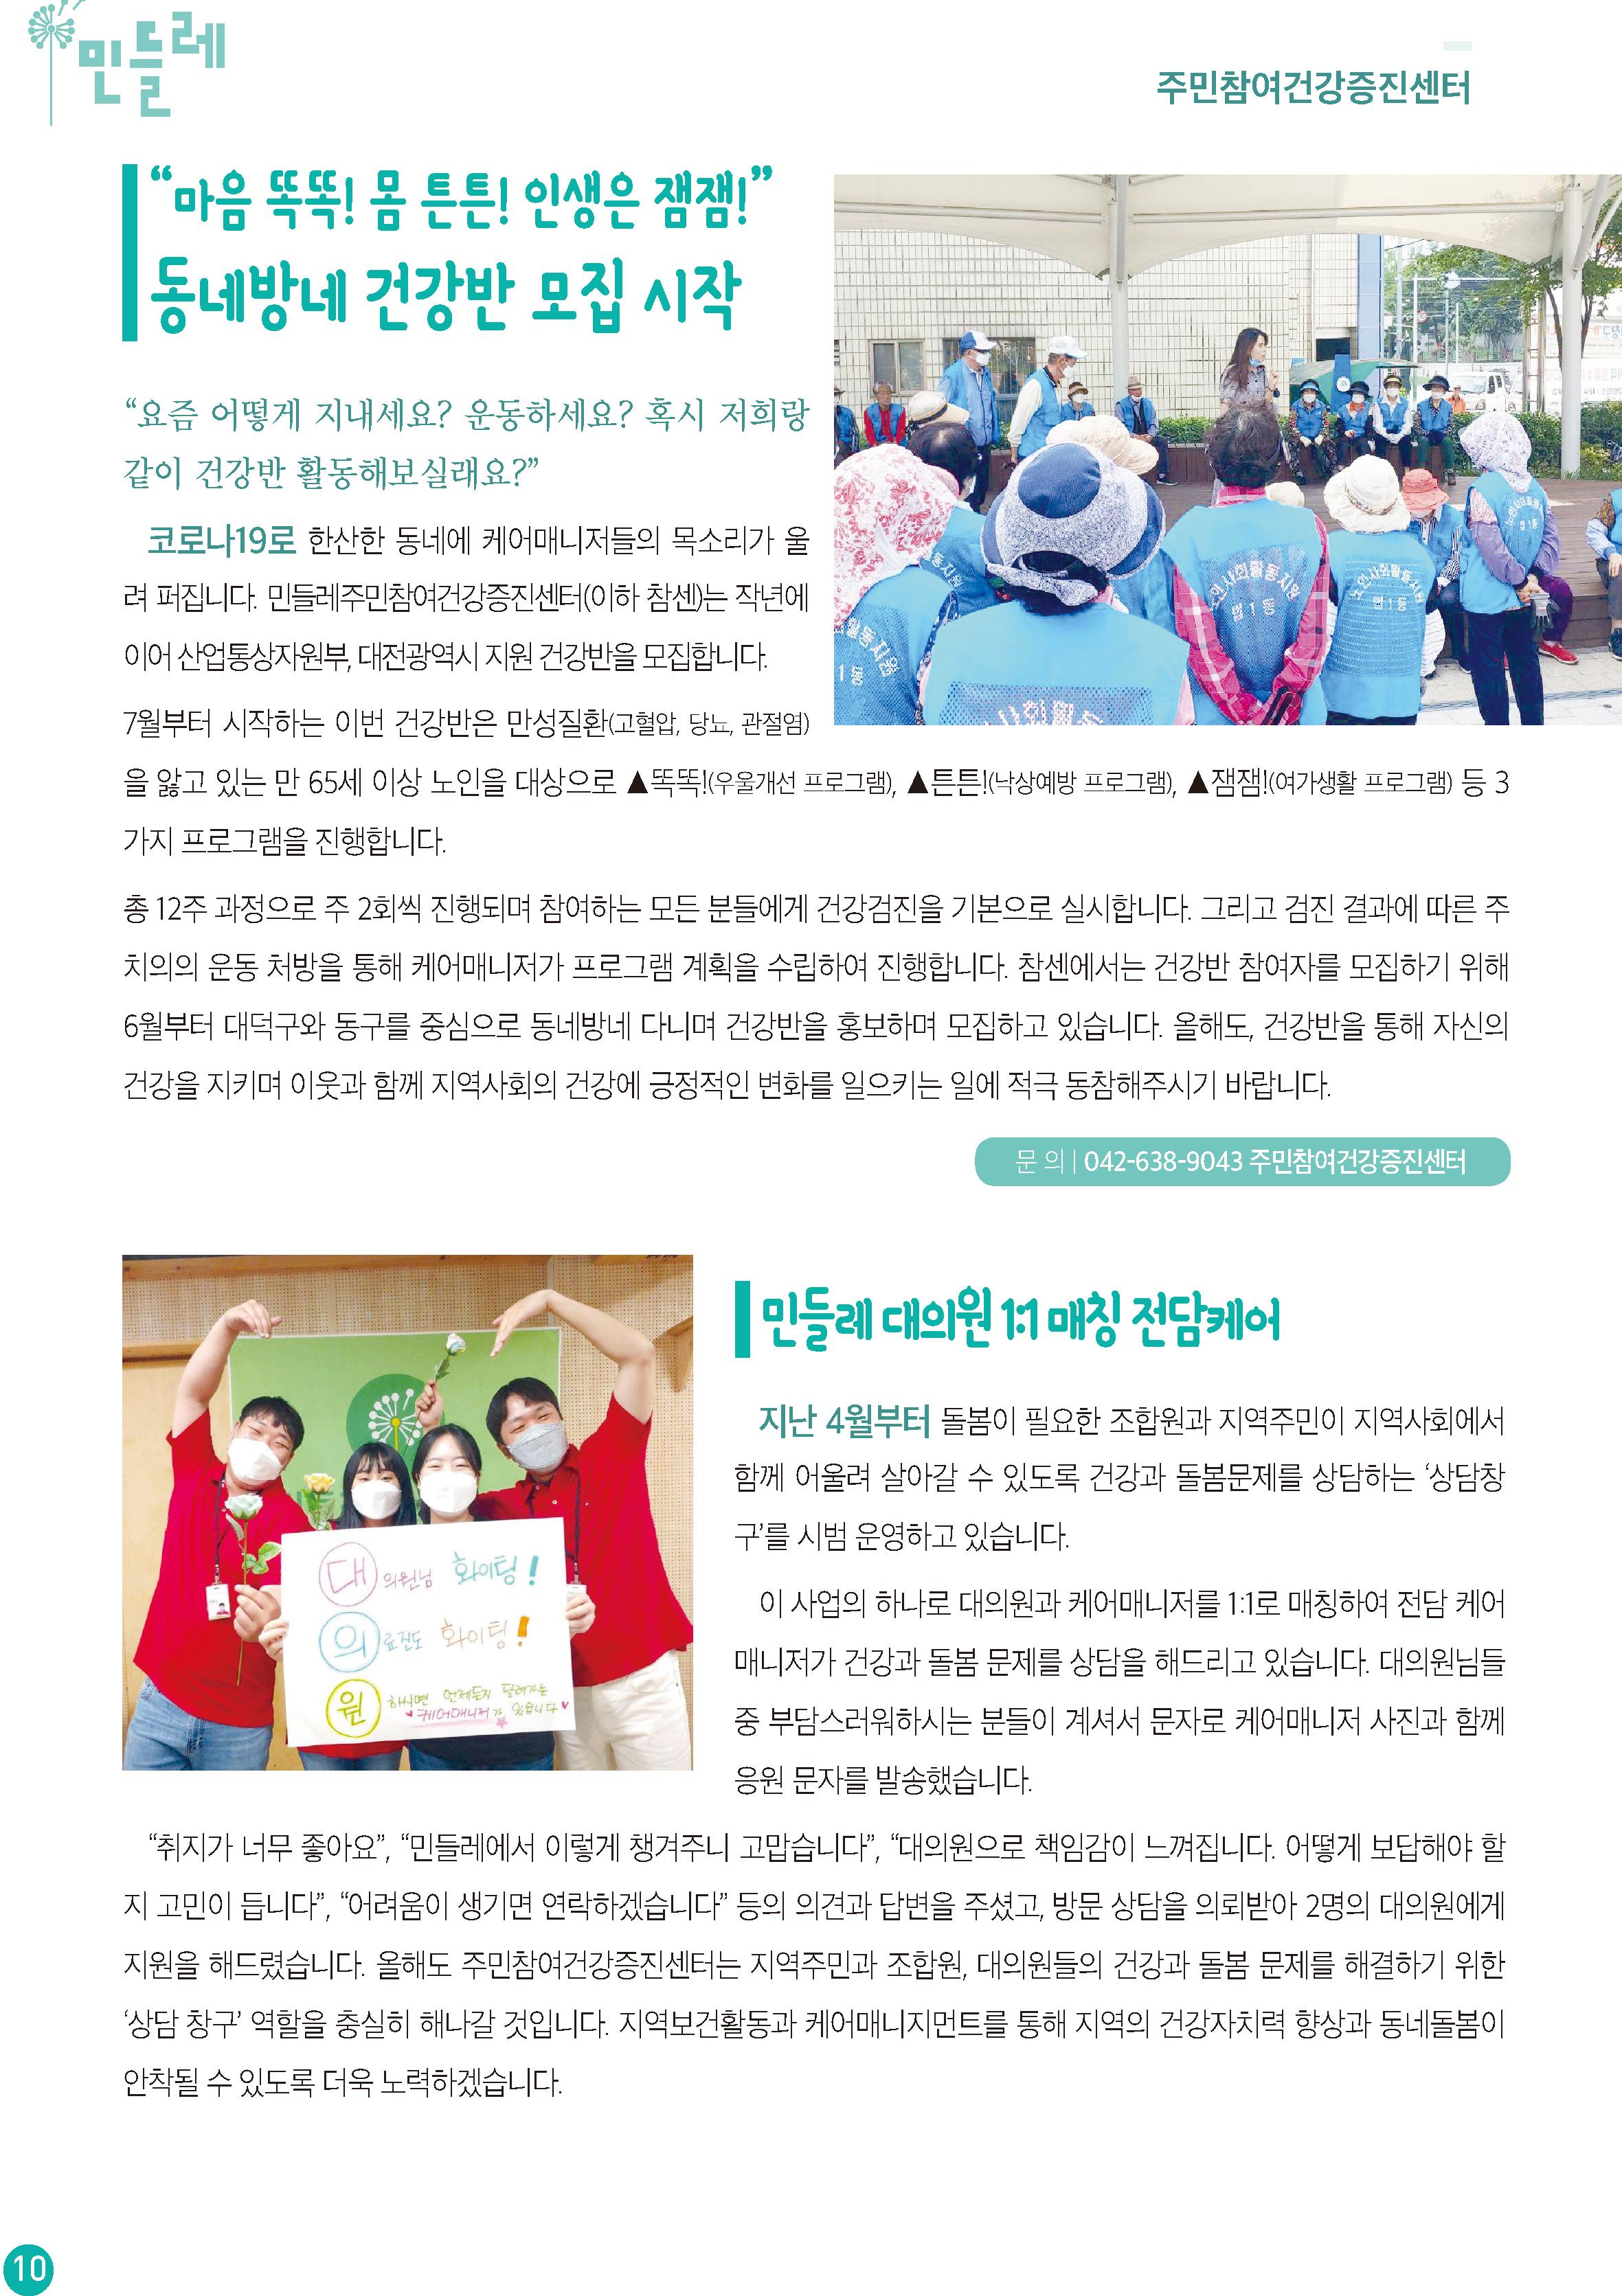 민들레 소식지8월호 시안(최종)-10.jpg